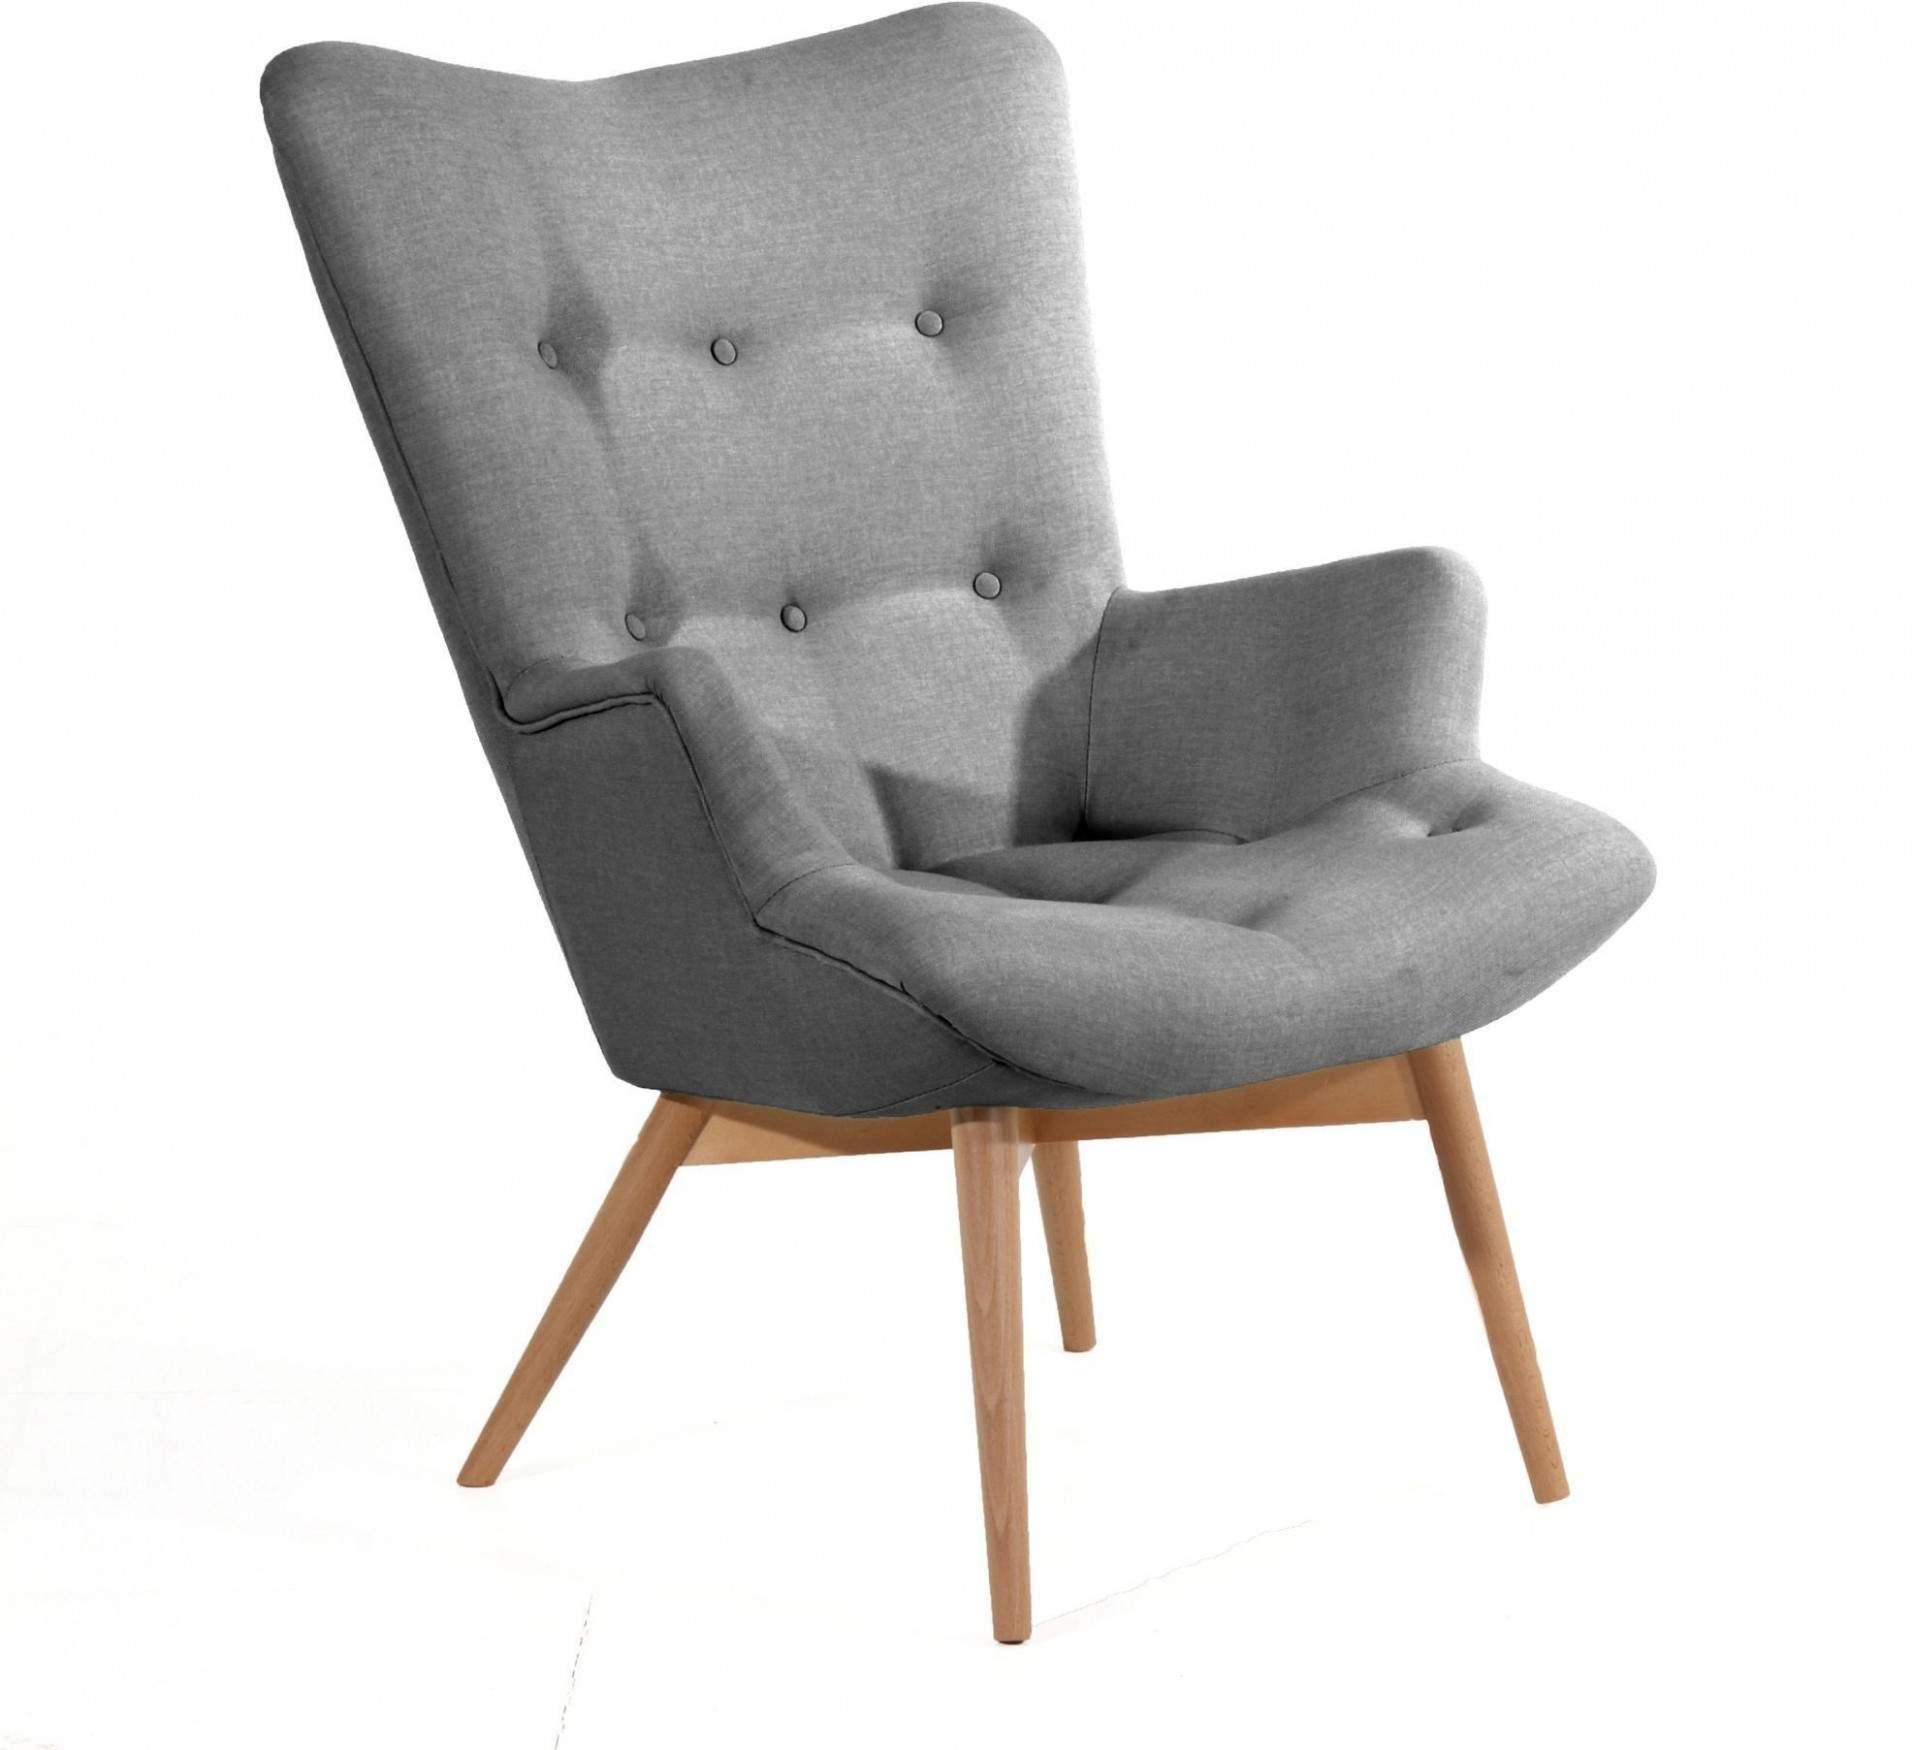 Full Size of Wohnzimmer Sessel Neu 40 Luxus Wohnzimmer Sessel Wohnzimmer Wohnzimmer Sessel